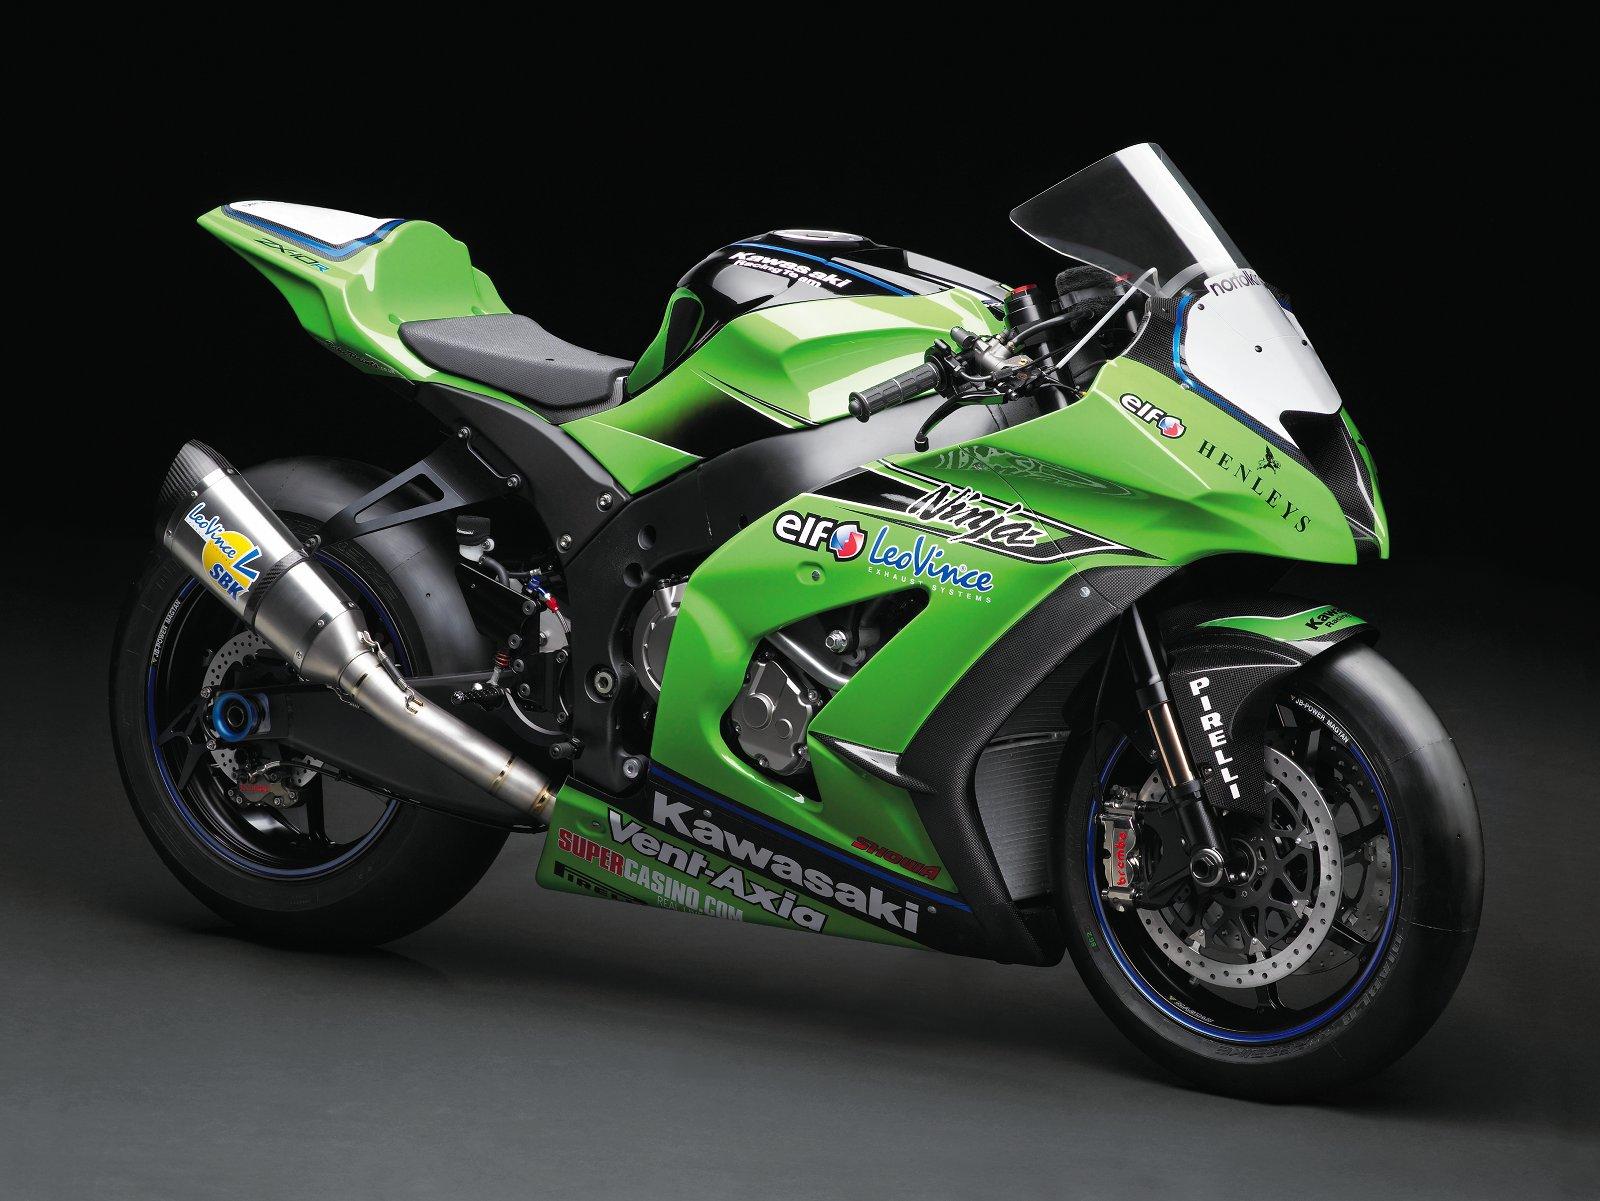 http://2.bp.blogspot.com/-ehnHZjIRth8/TXMS2AkIAgI/AAAAAAAAAVs/X9c5tbhjcIs/s1600/2011-kawasaki-zx-10r-sbk-green.jpg